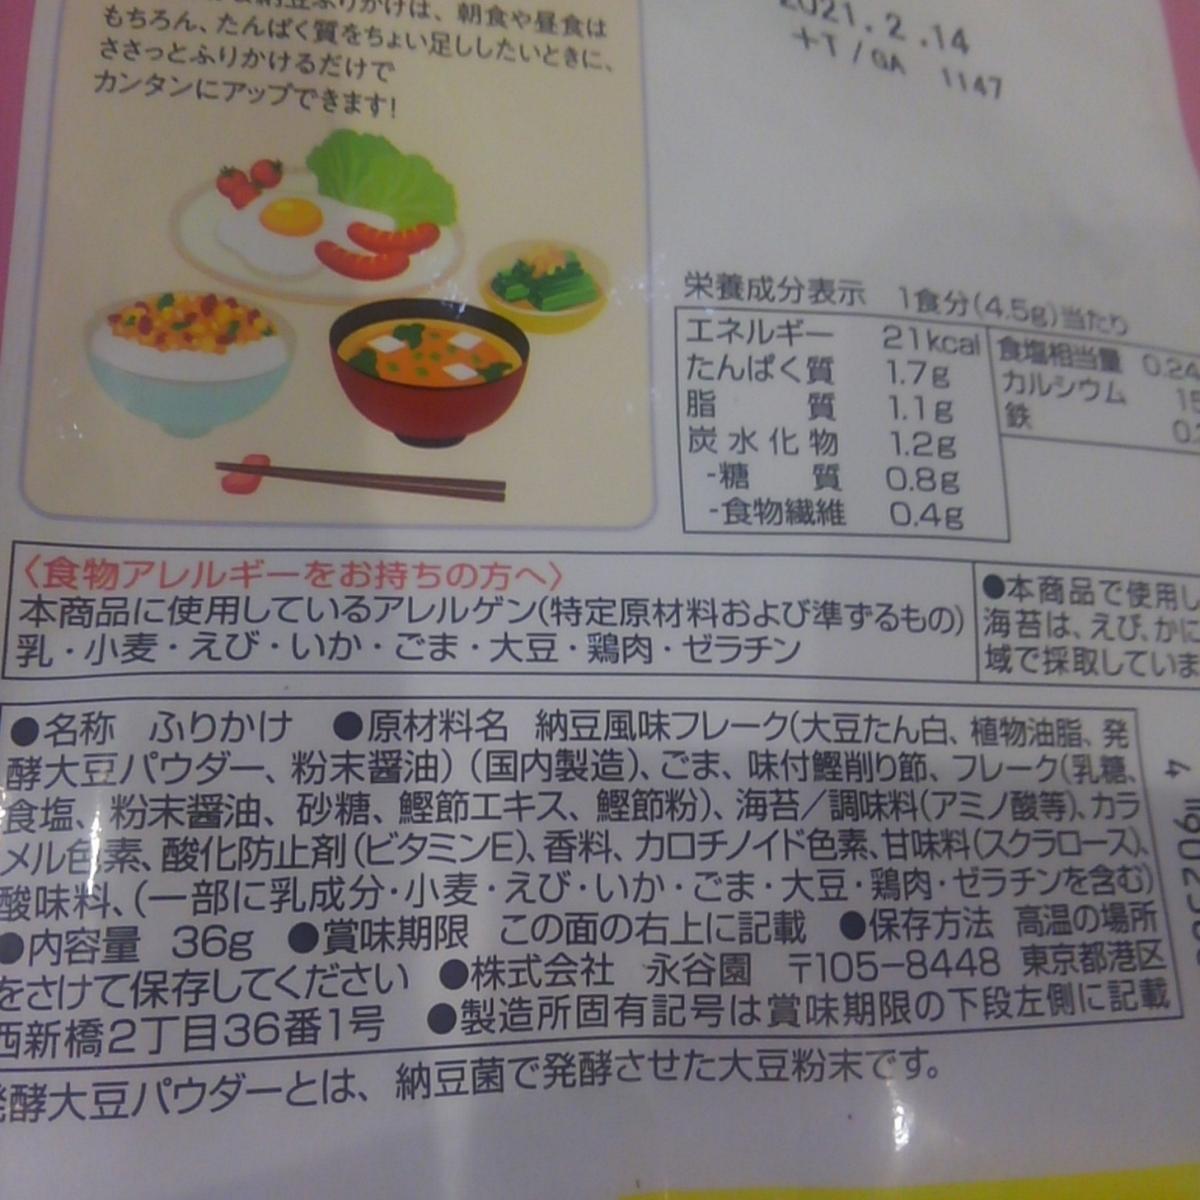 おかかand納豆ふりかけ 毎日パクパクたんぱく質